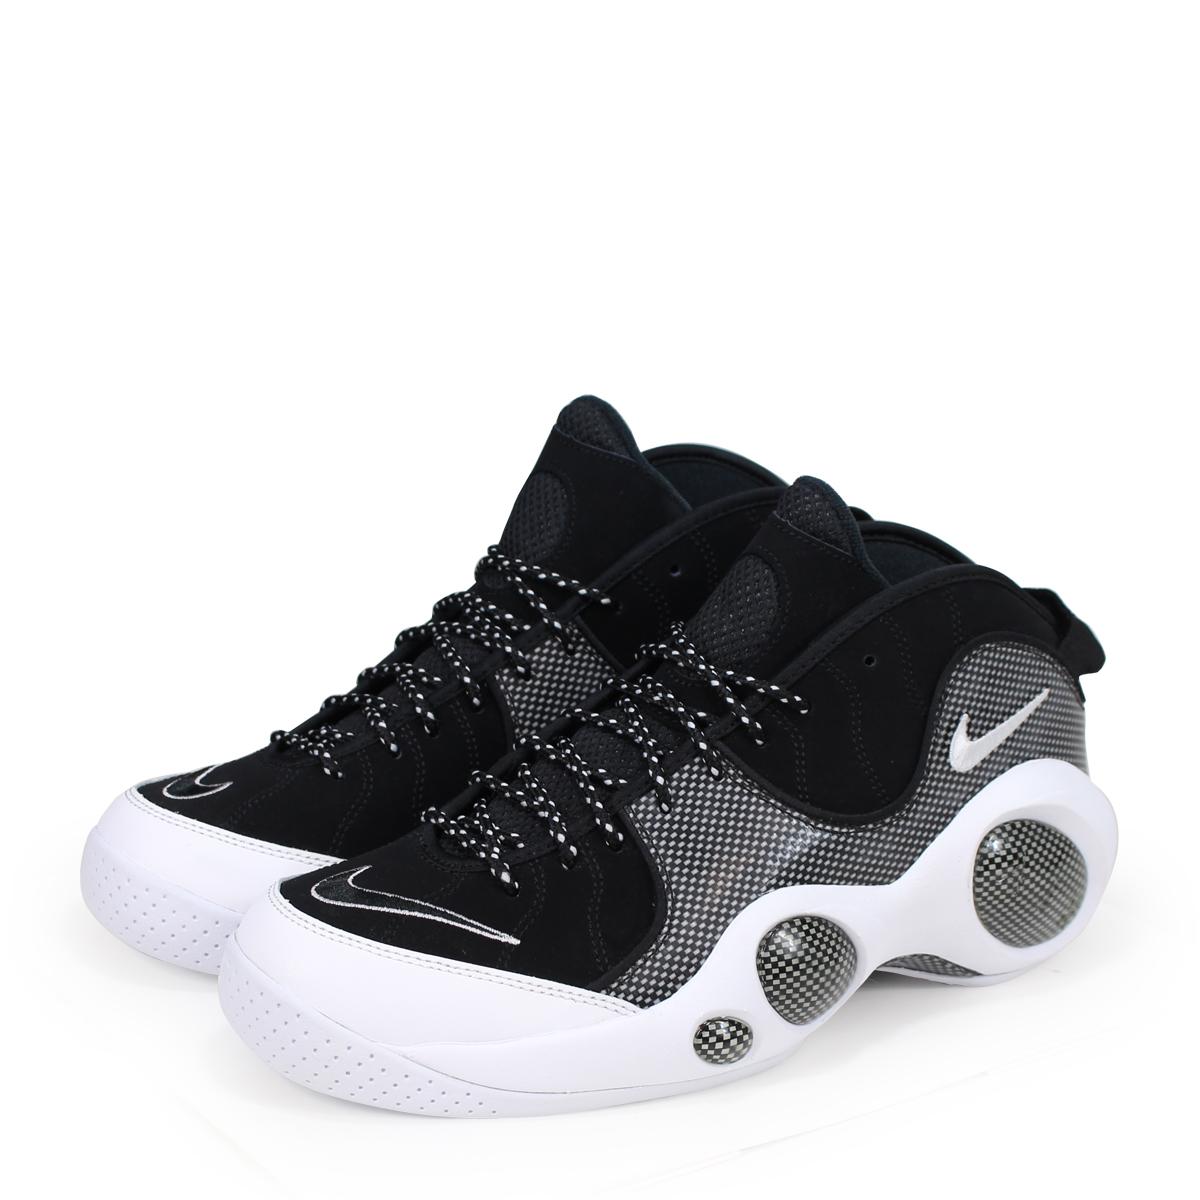 35b1d3ab9552 ALLSPORTS  NIKE ZOOM FLIGHT 95 SE Nike zoom flight 95 sneakers men ...